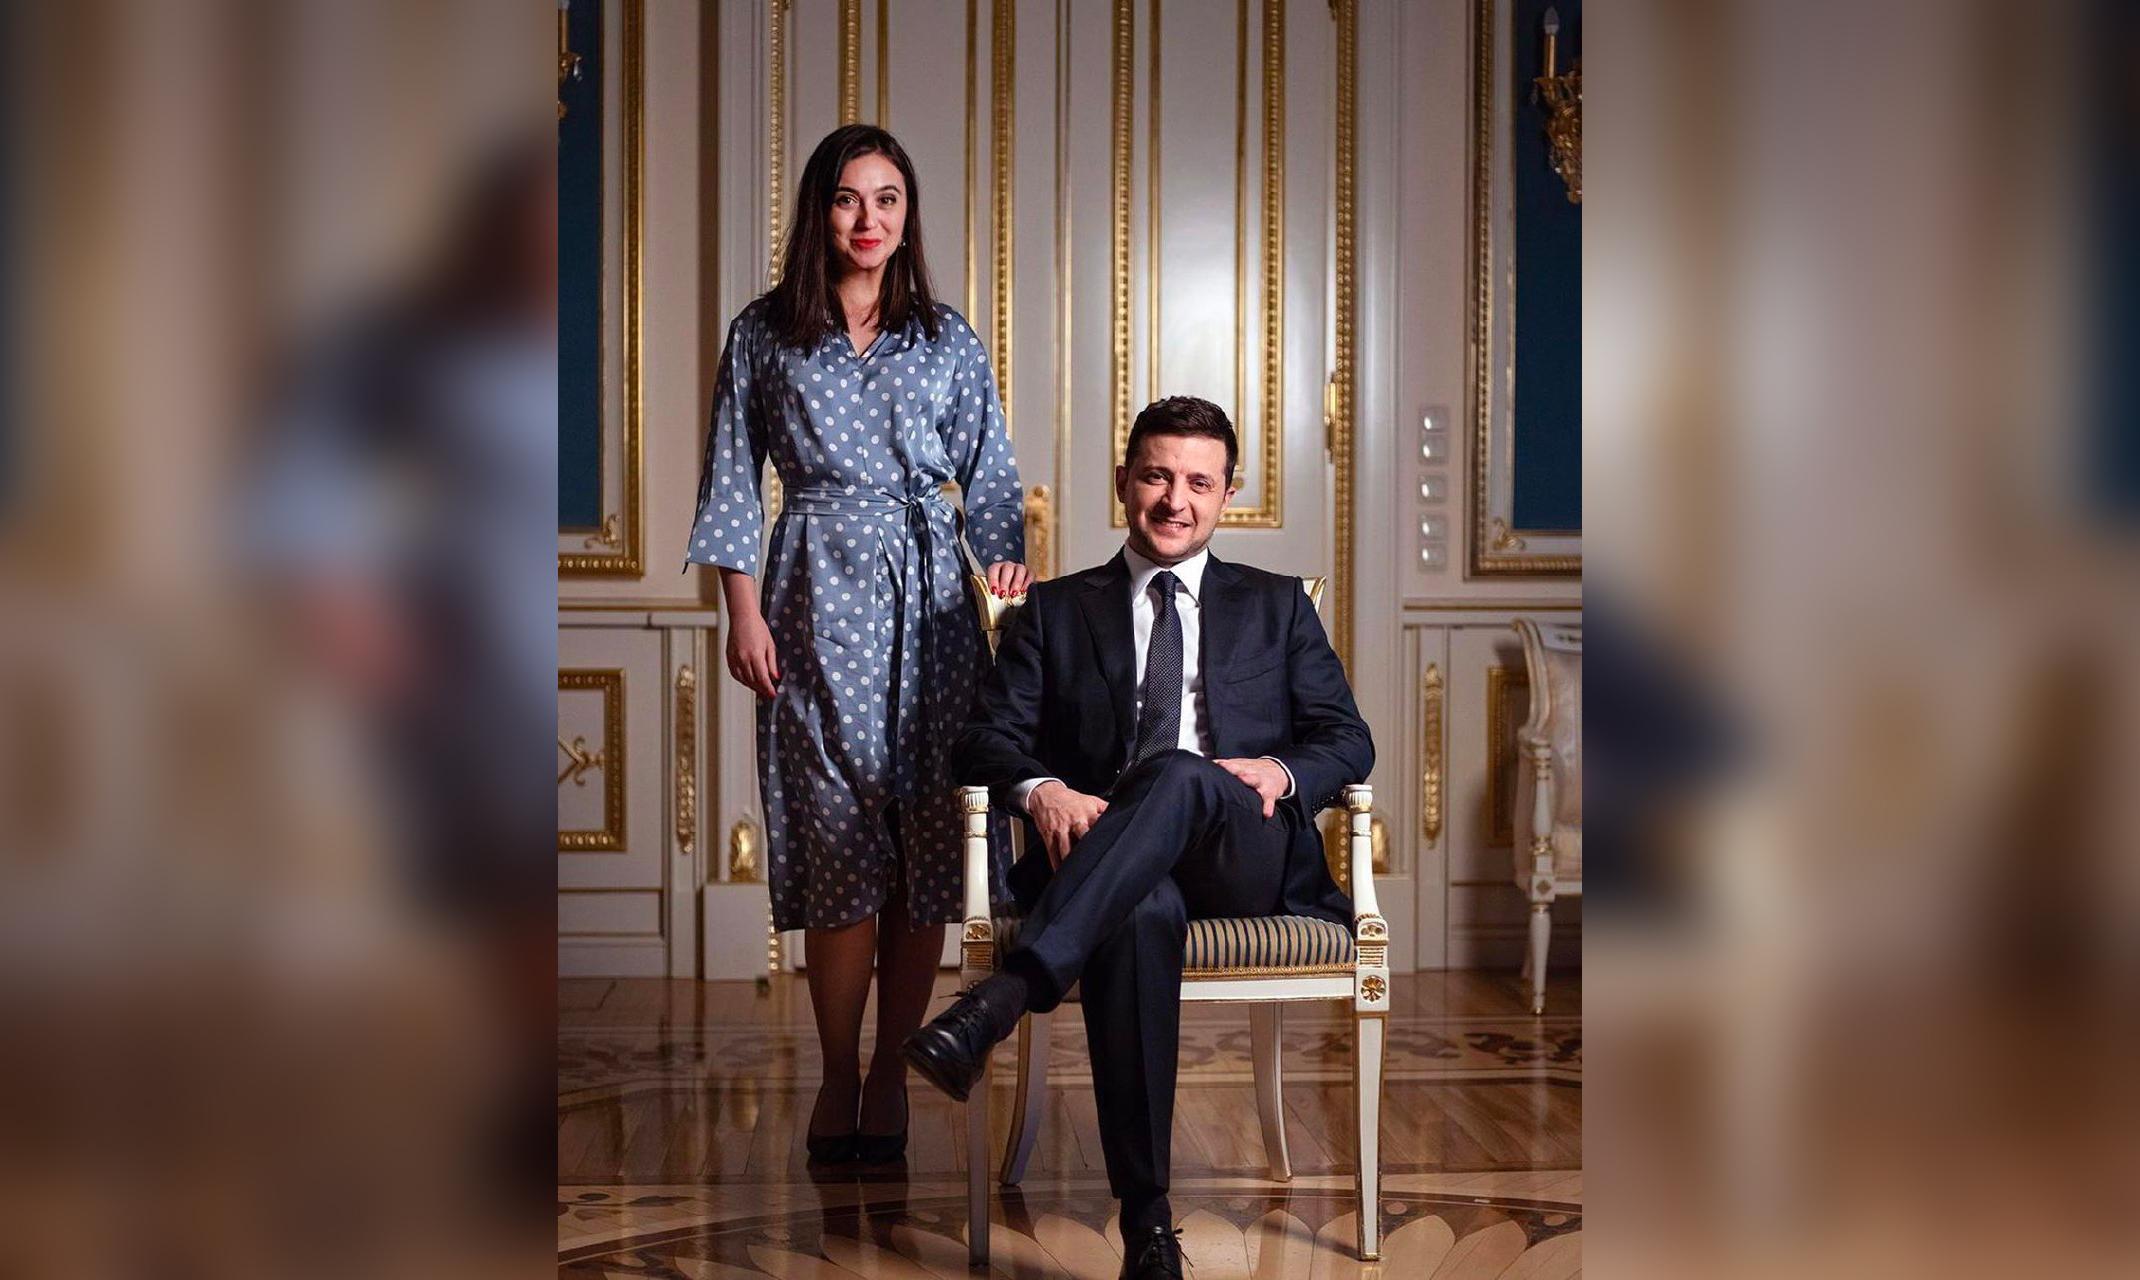 Пресс-секретарь Зеленского заработала за август в полтора раза больше президента